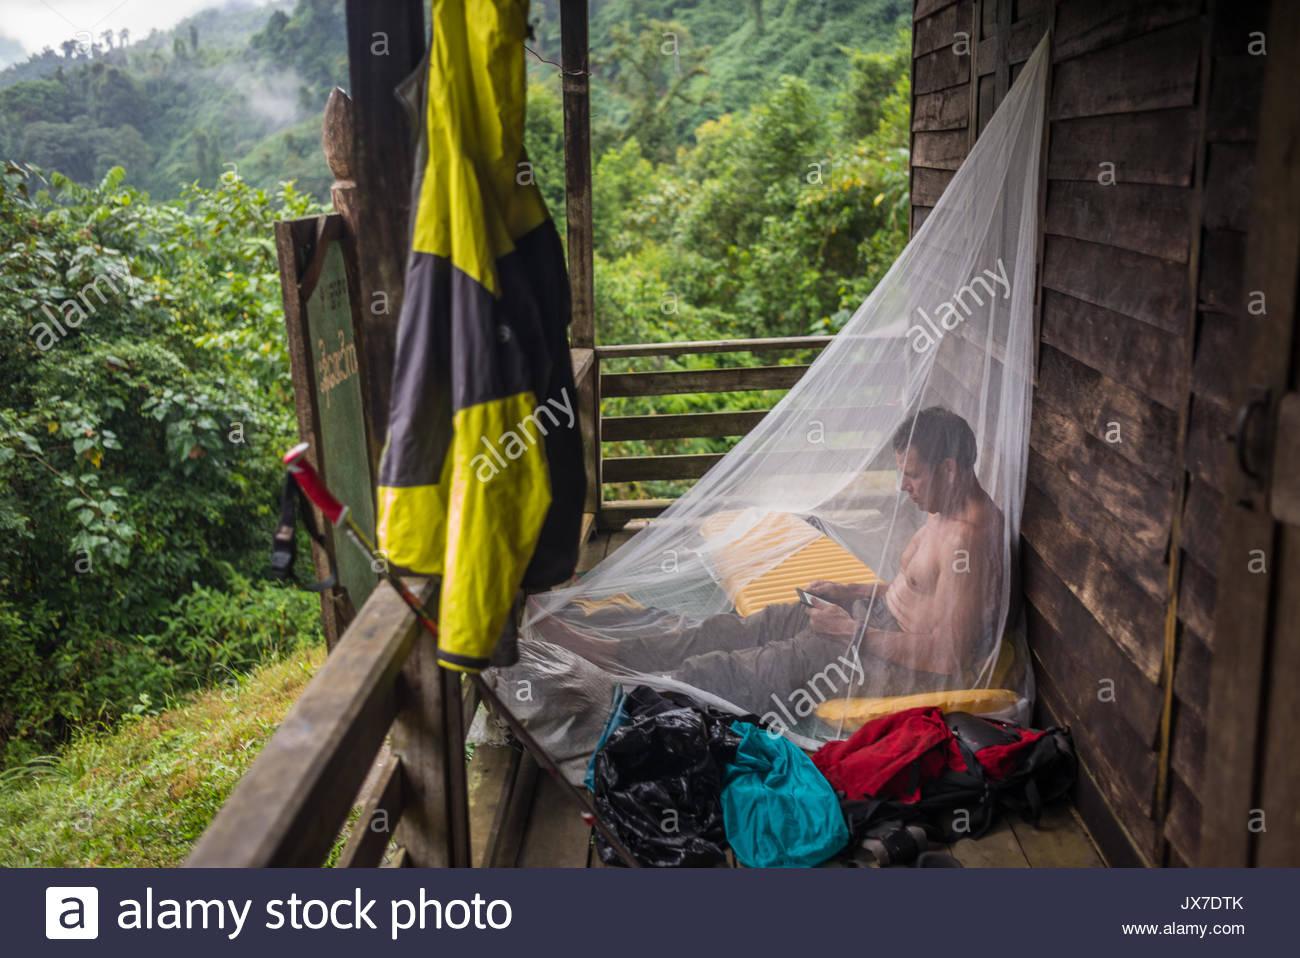 Un elemento di spedizione si siede all'esterno coperto da una zanzariera, mentre lui usa il telefono. Immagini Stock